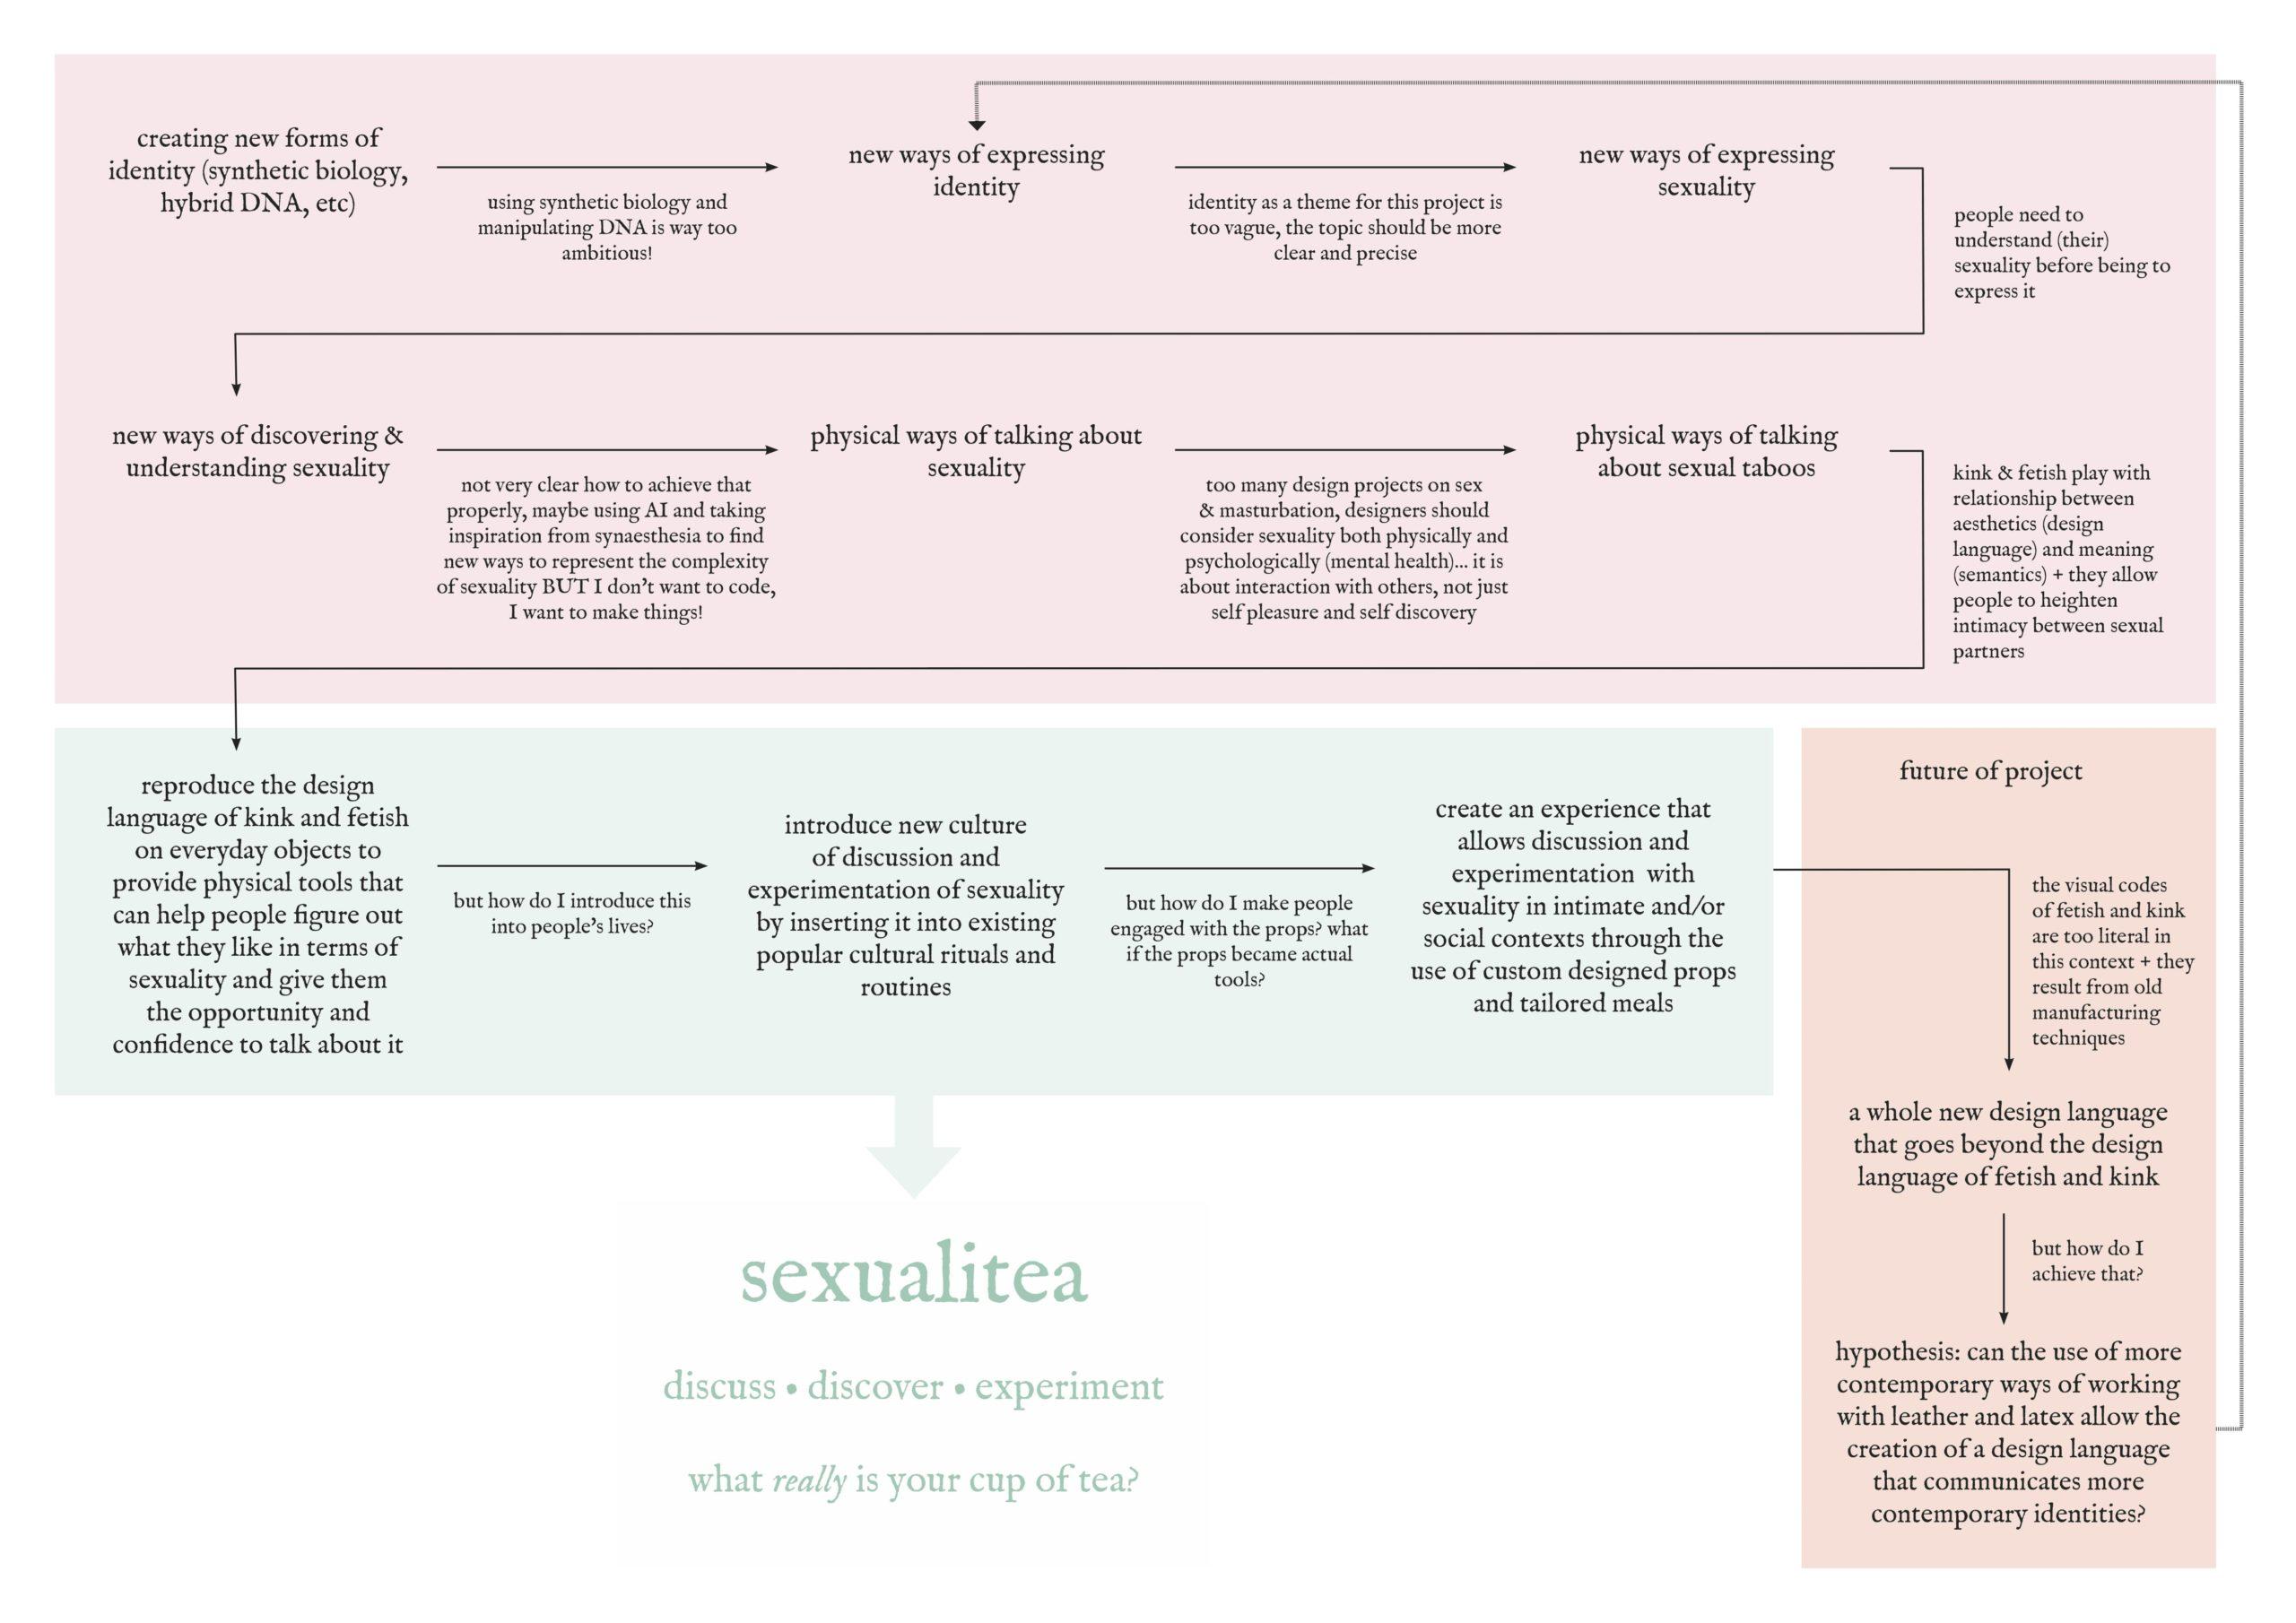 sexualitea-map-1